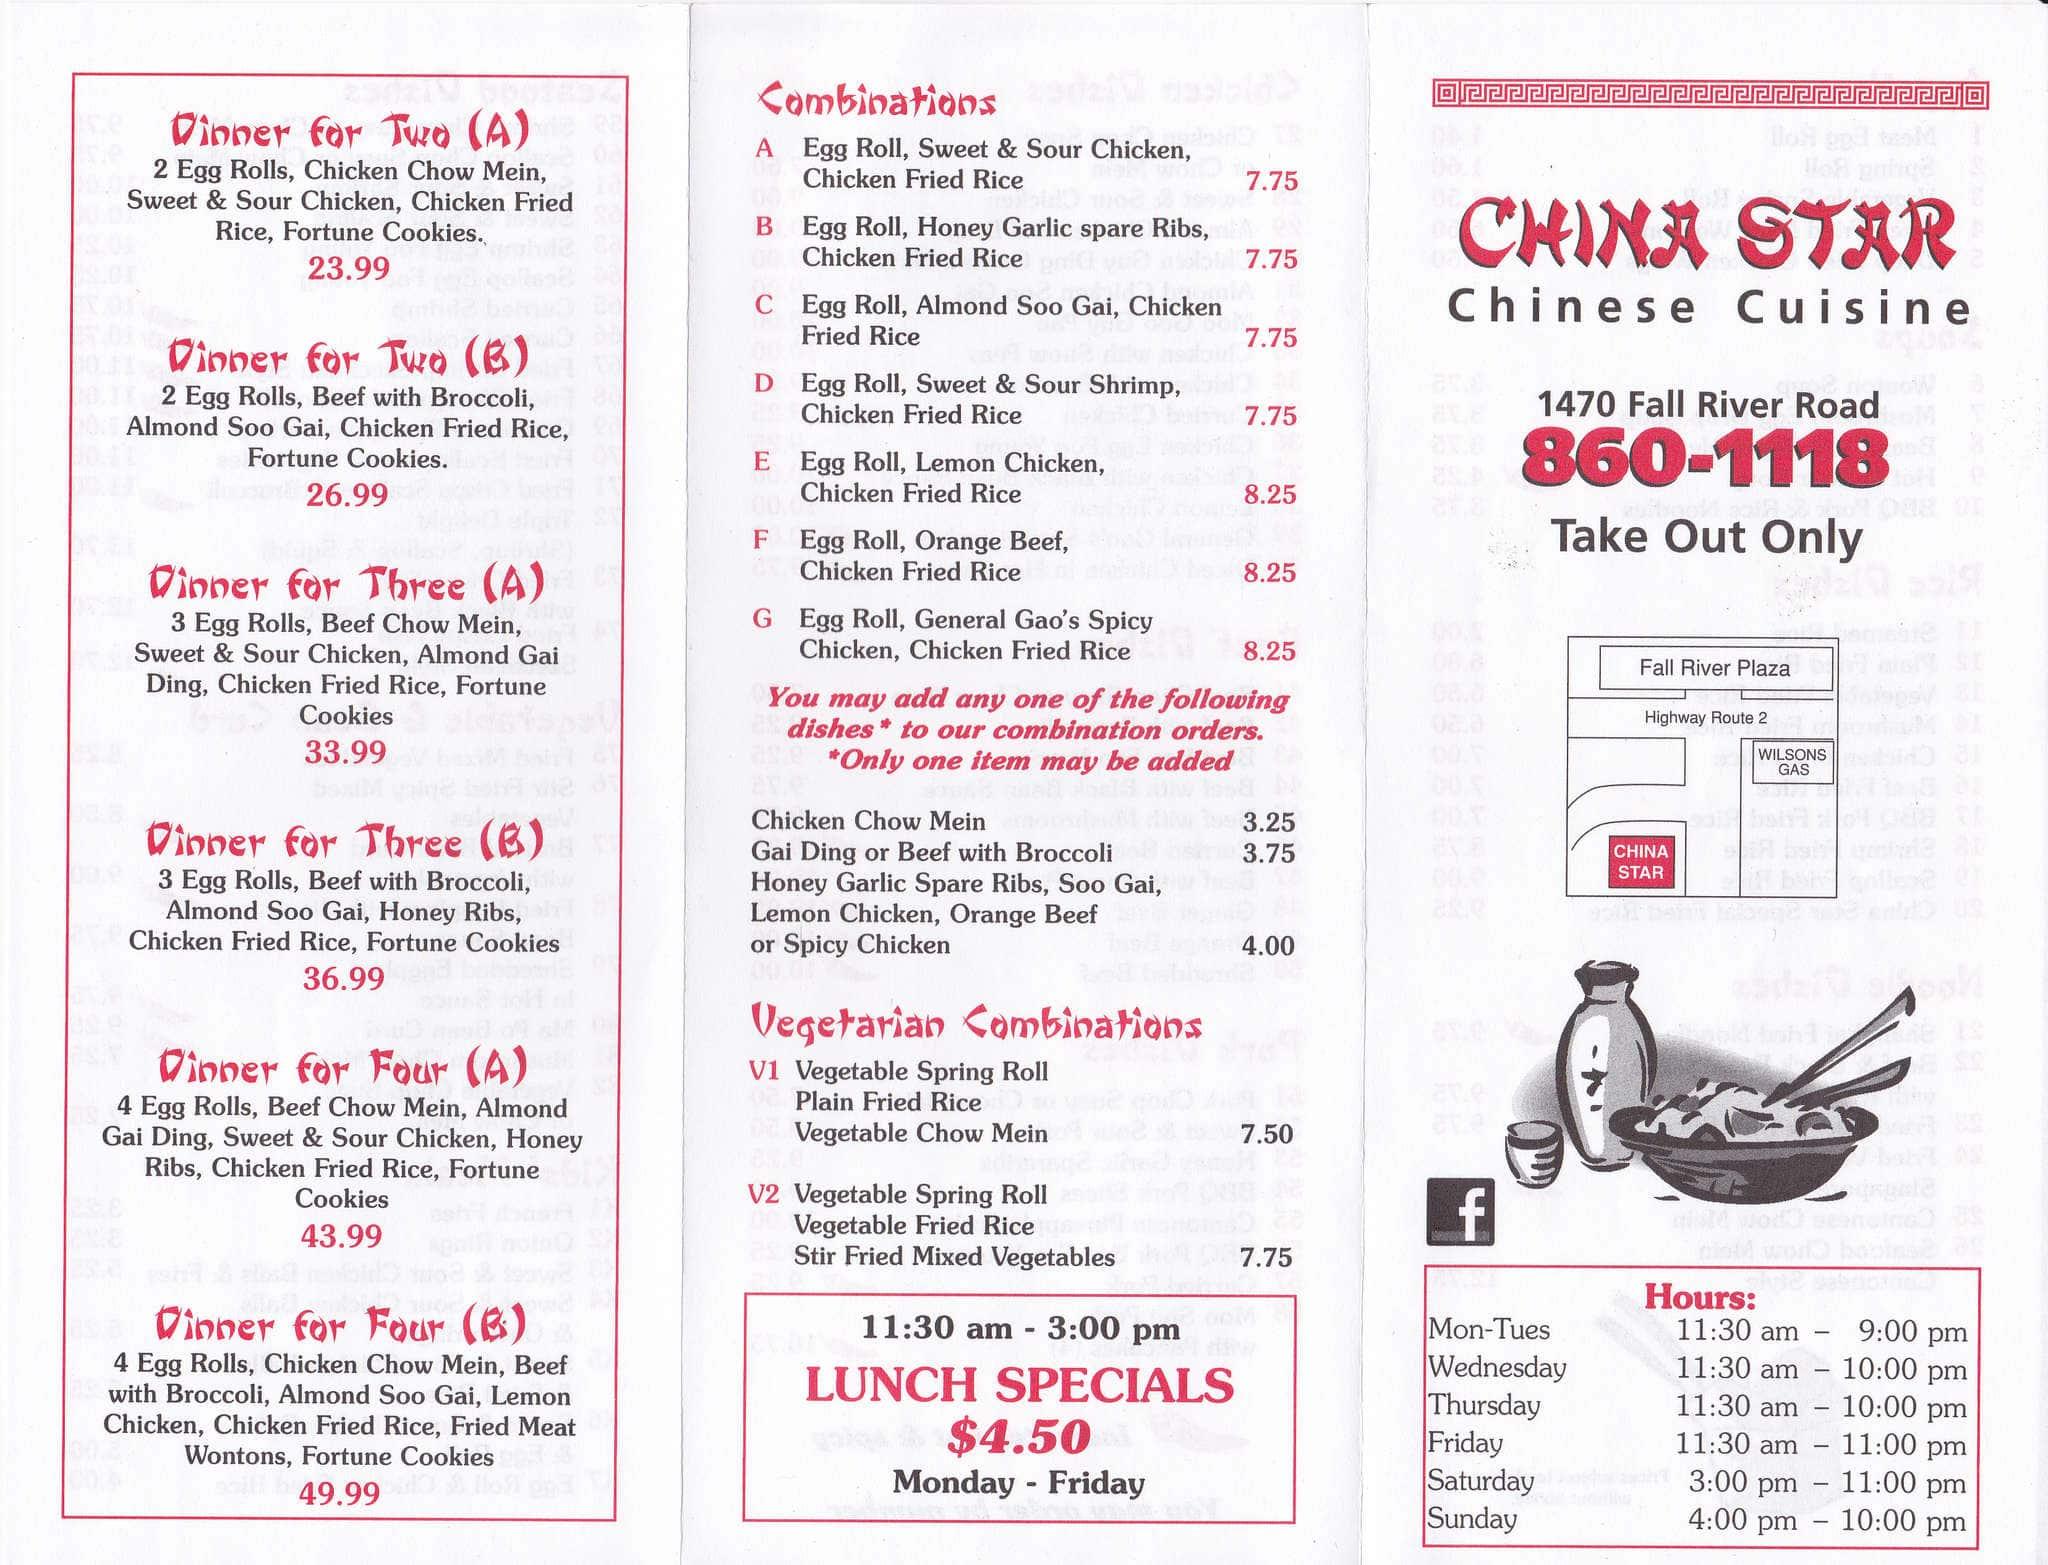 Menu at China Star restaurant, Fall River